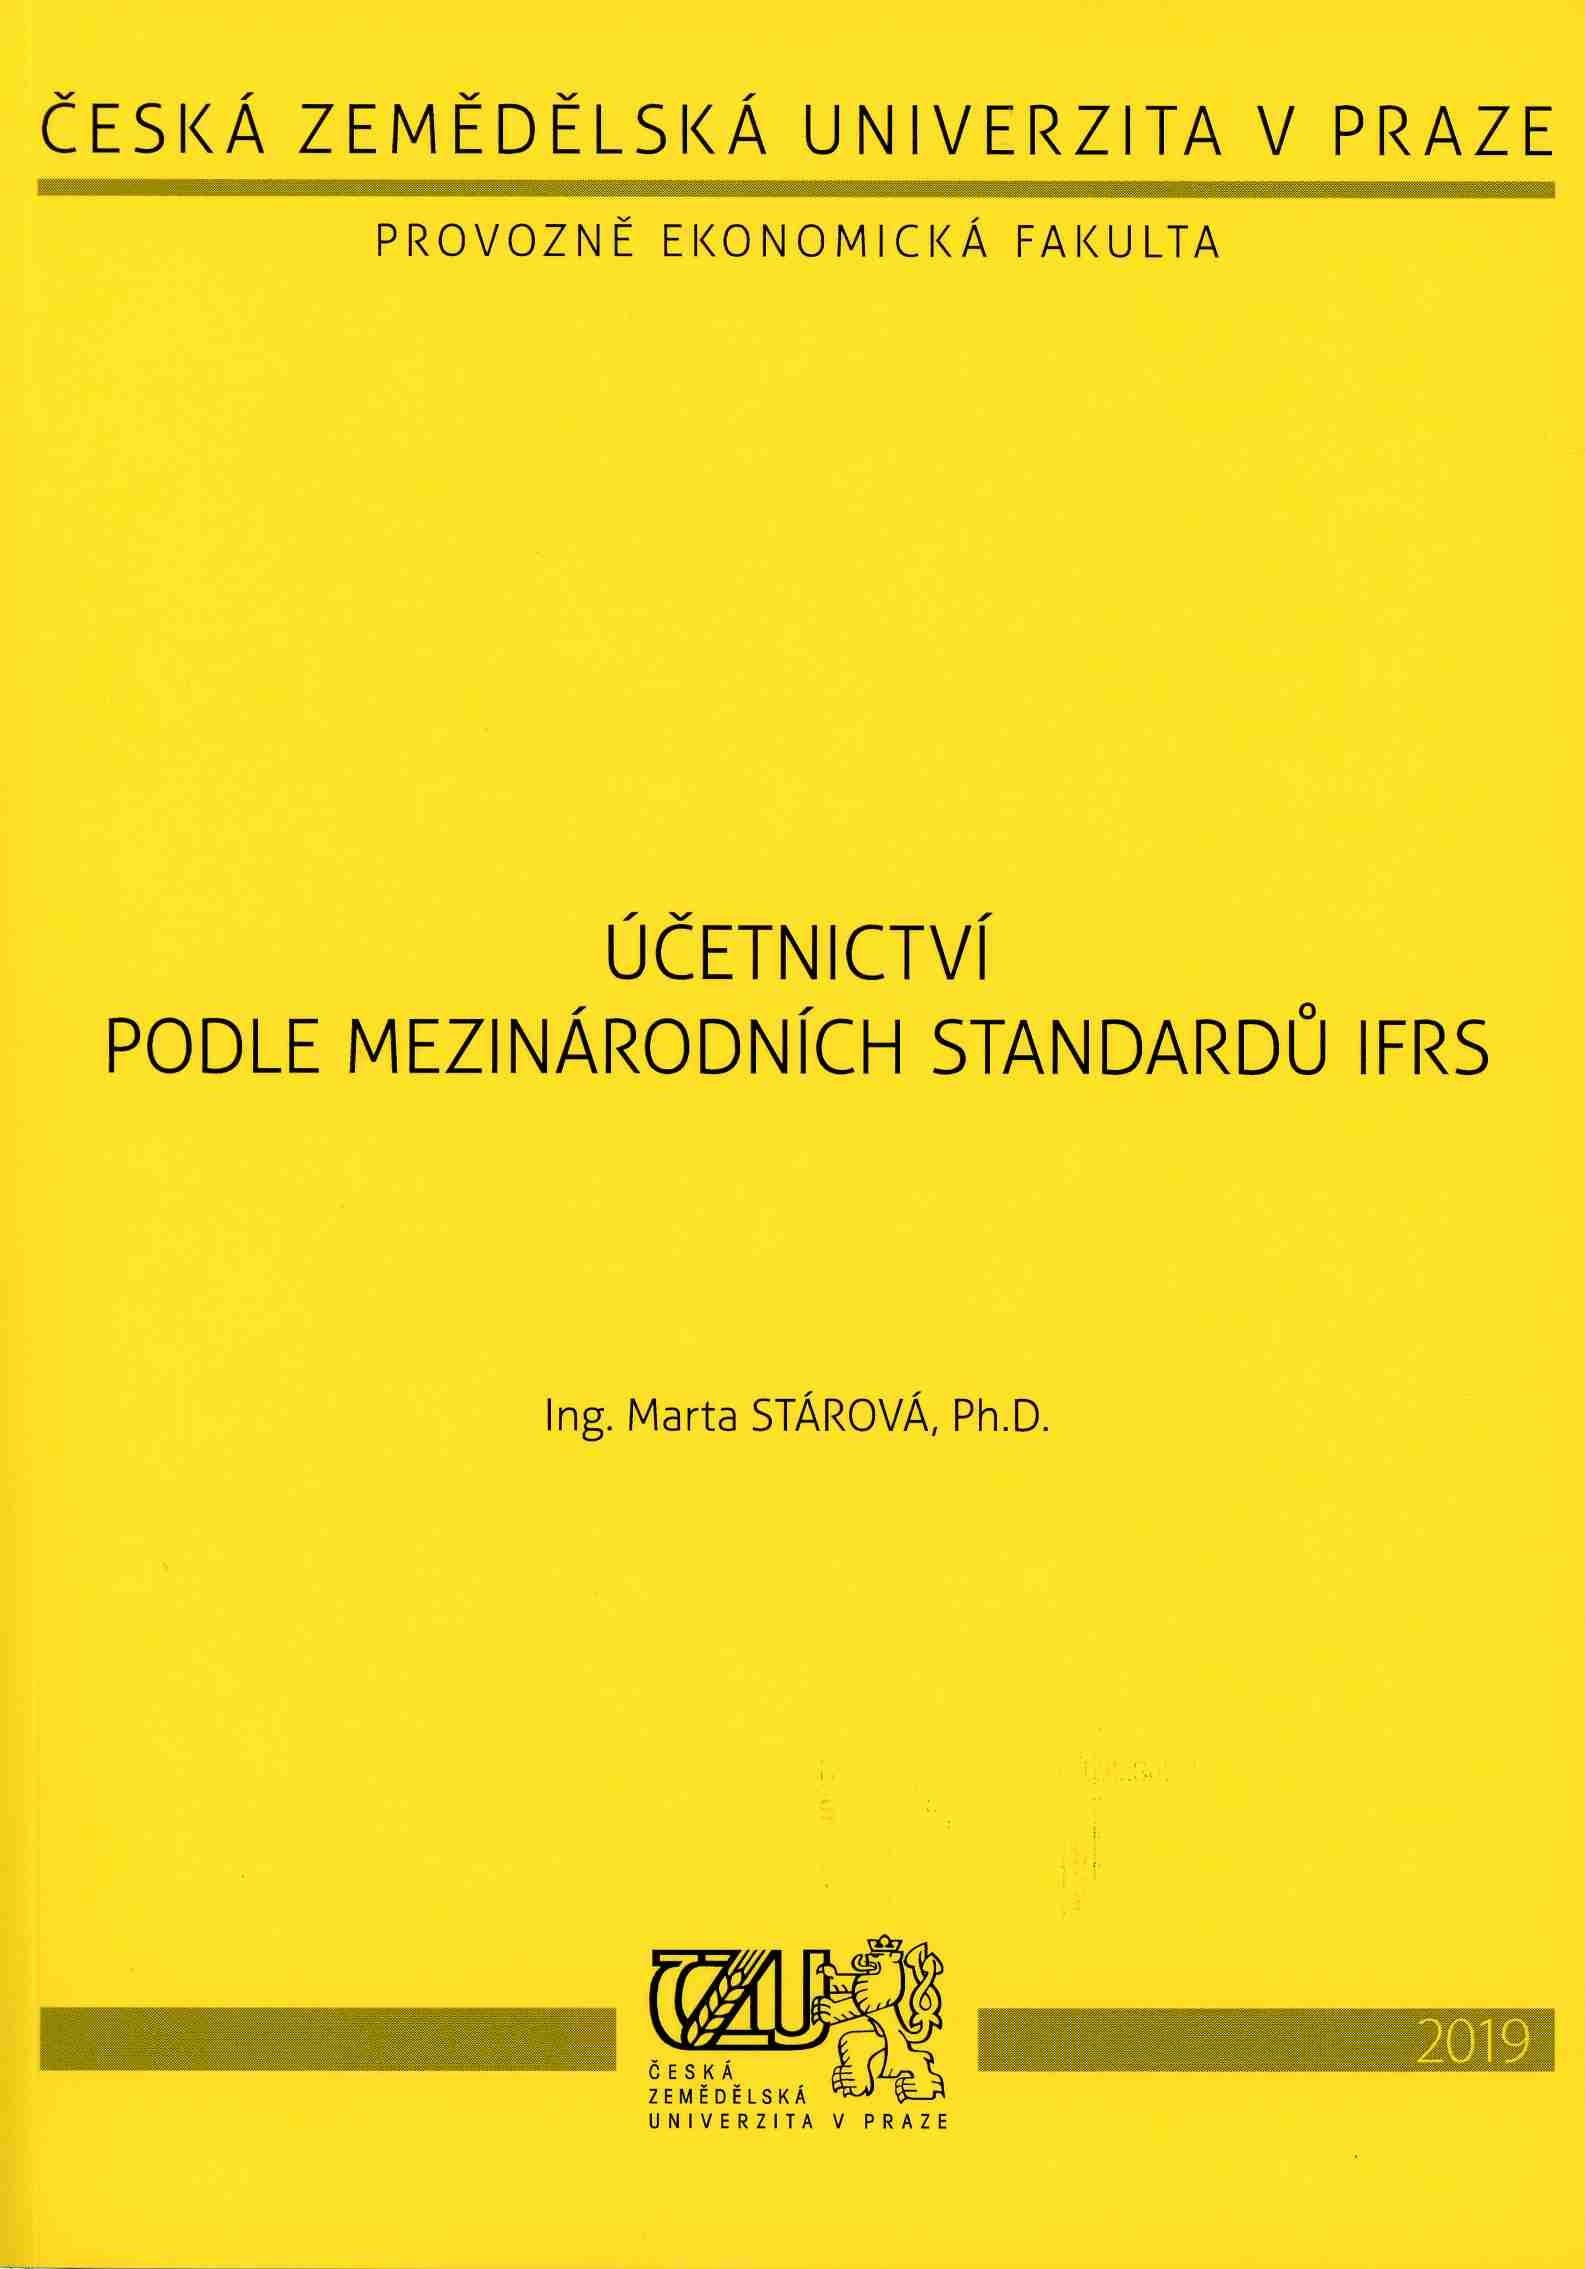 Účetnictví podle mezinárodních standardů IFRS